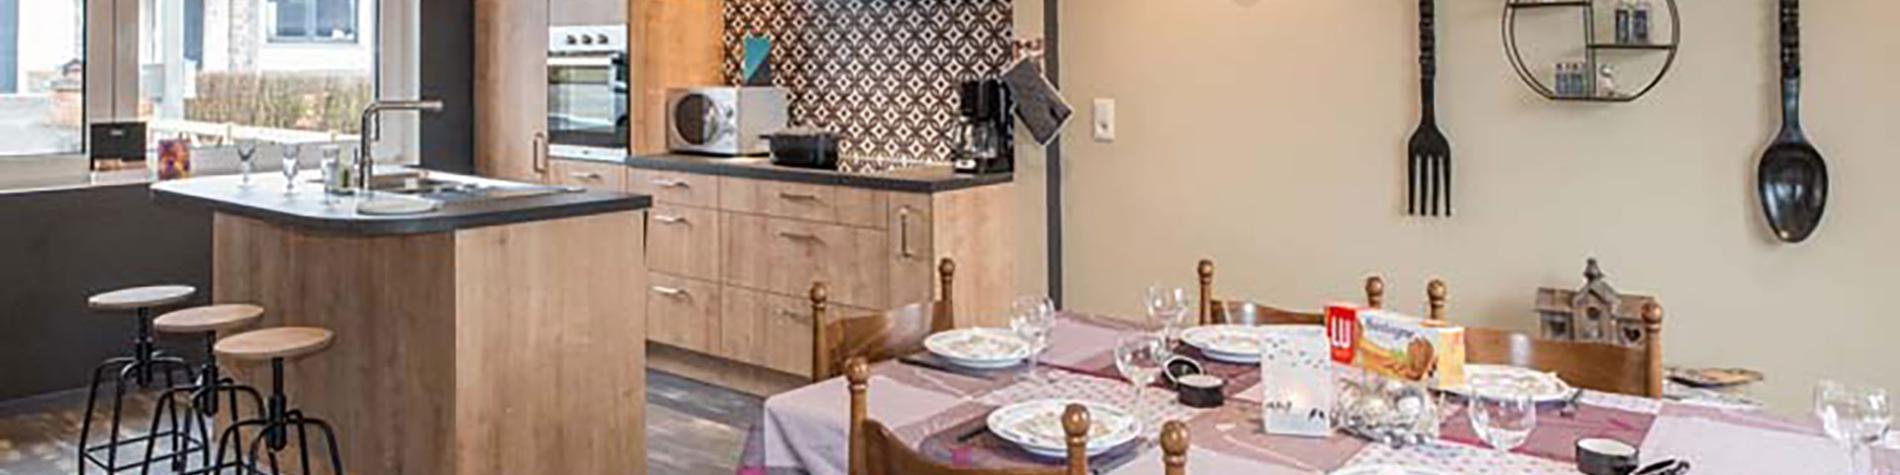 Carpe Diem - Gîte citadin - Bastogne - cuisine ouverte